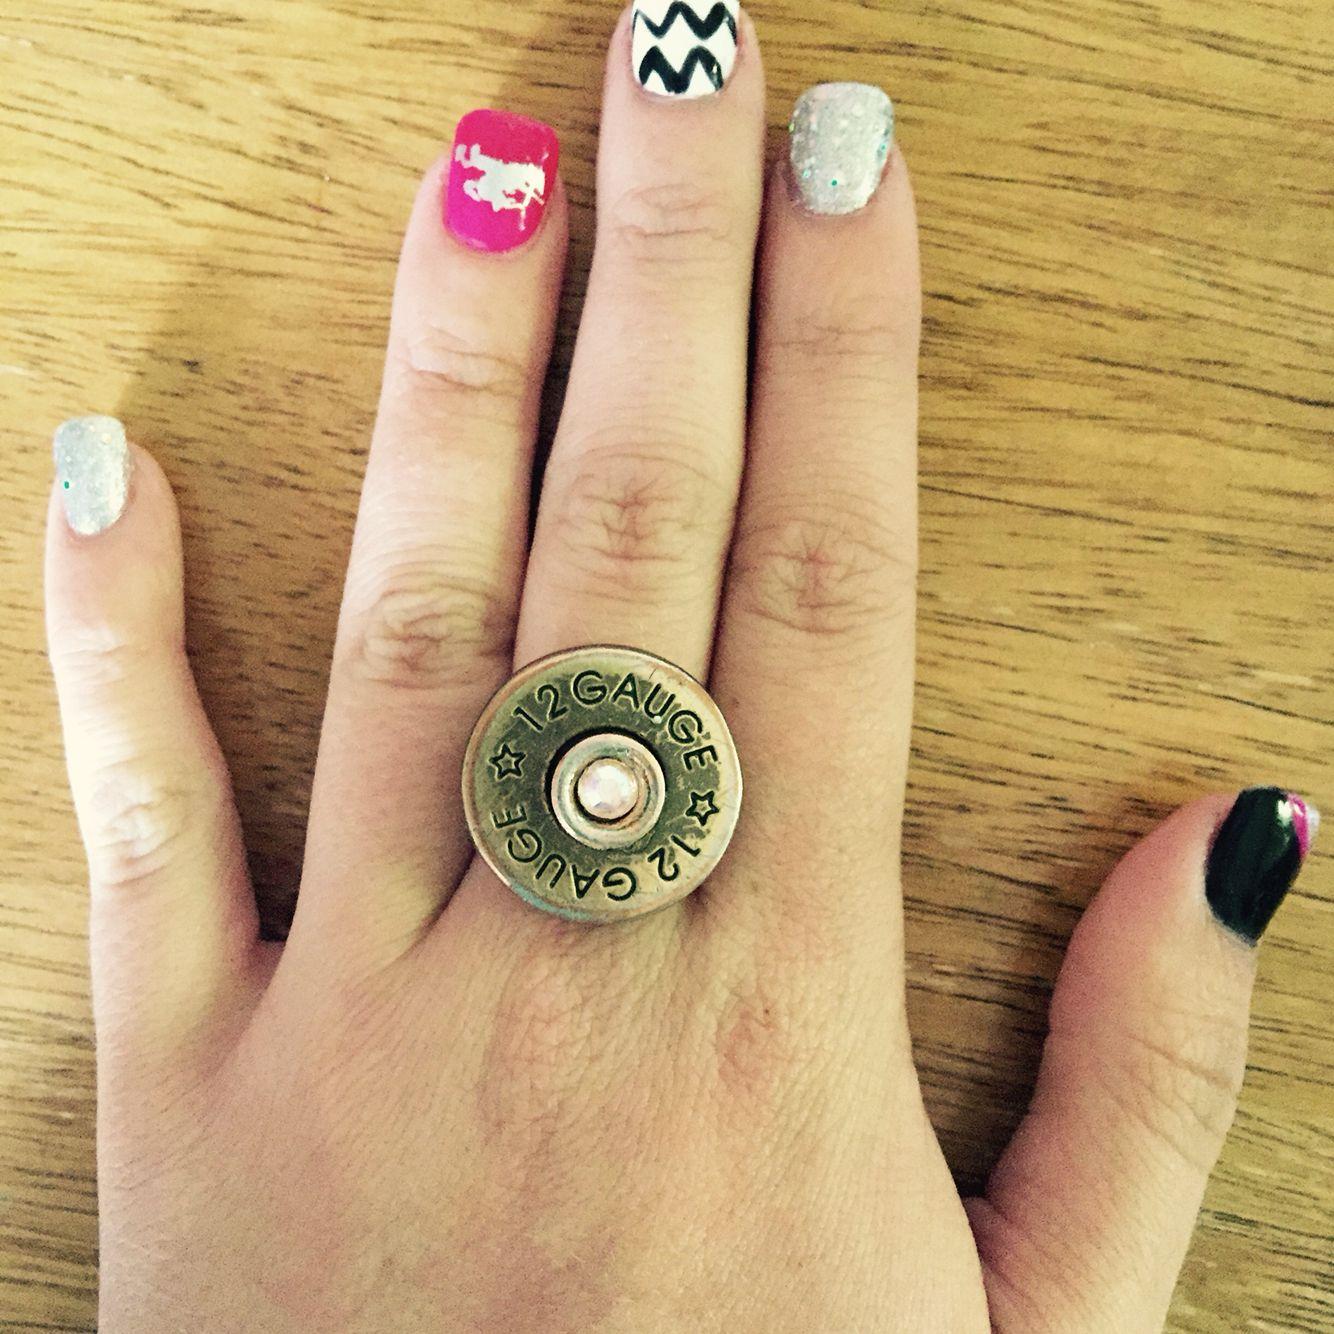 Shot gun ring